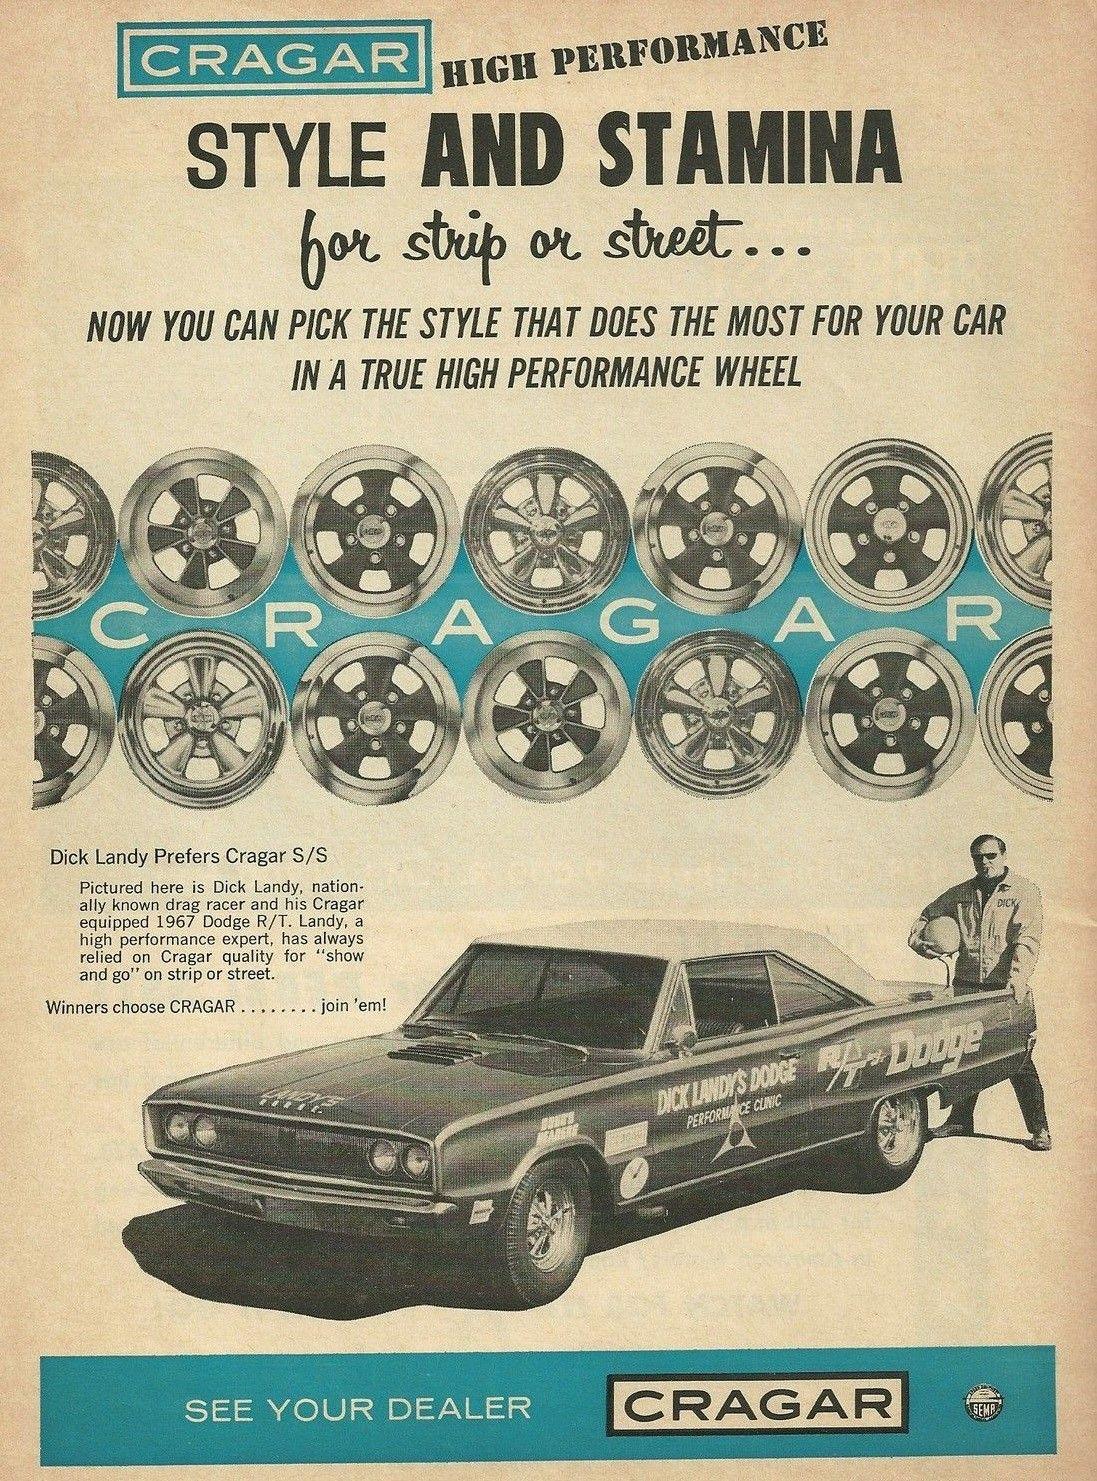 Vintage Drag Racing Dick Landy And Cragar Wheels Automotive Hyundai Pony Wiring Diagram